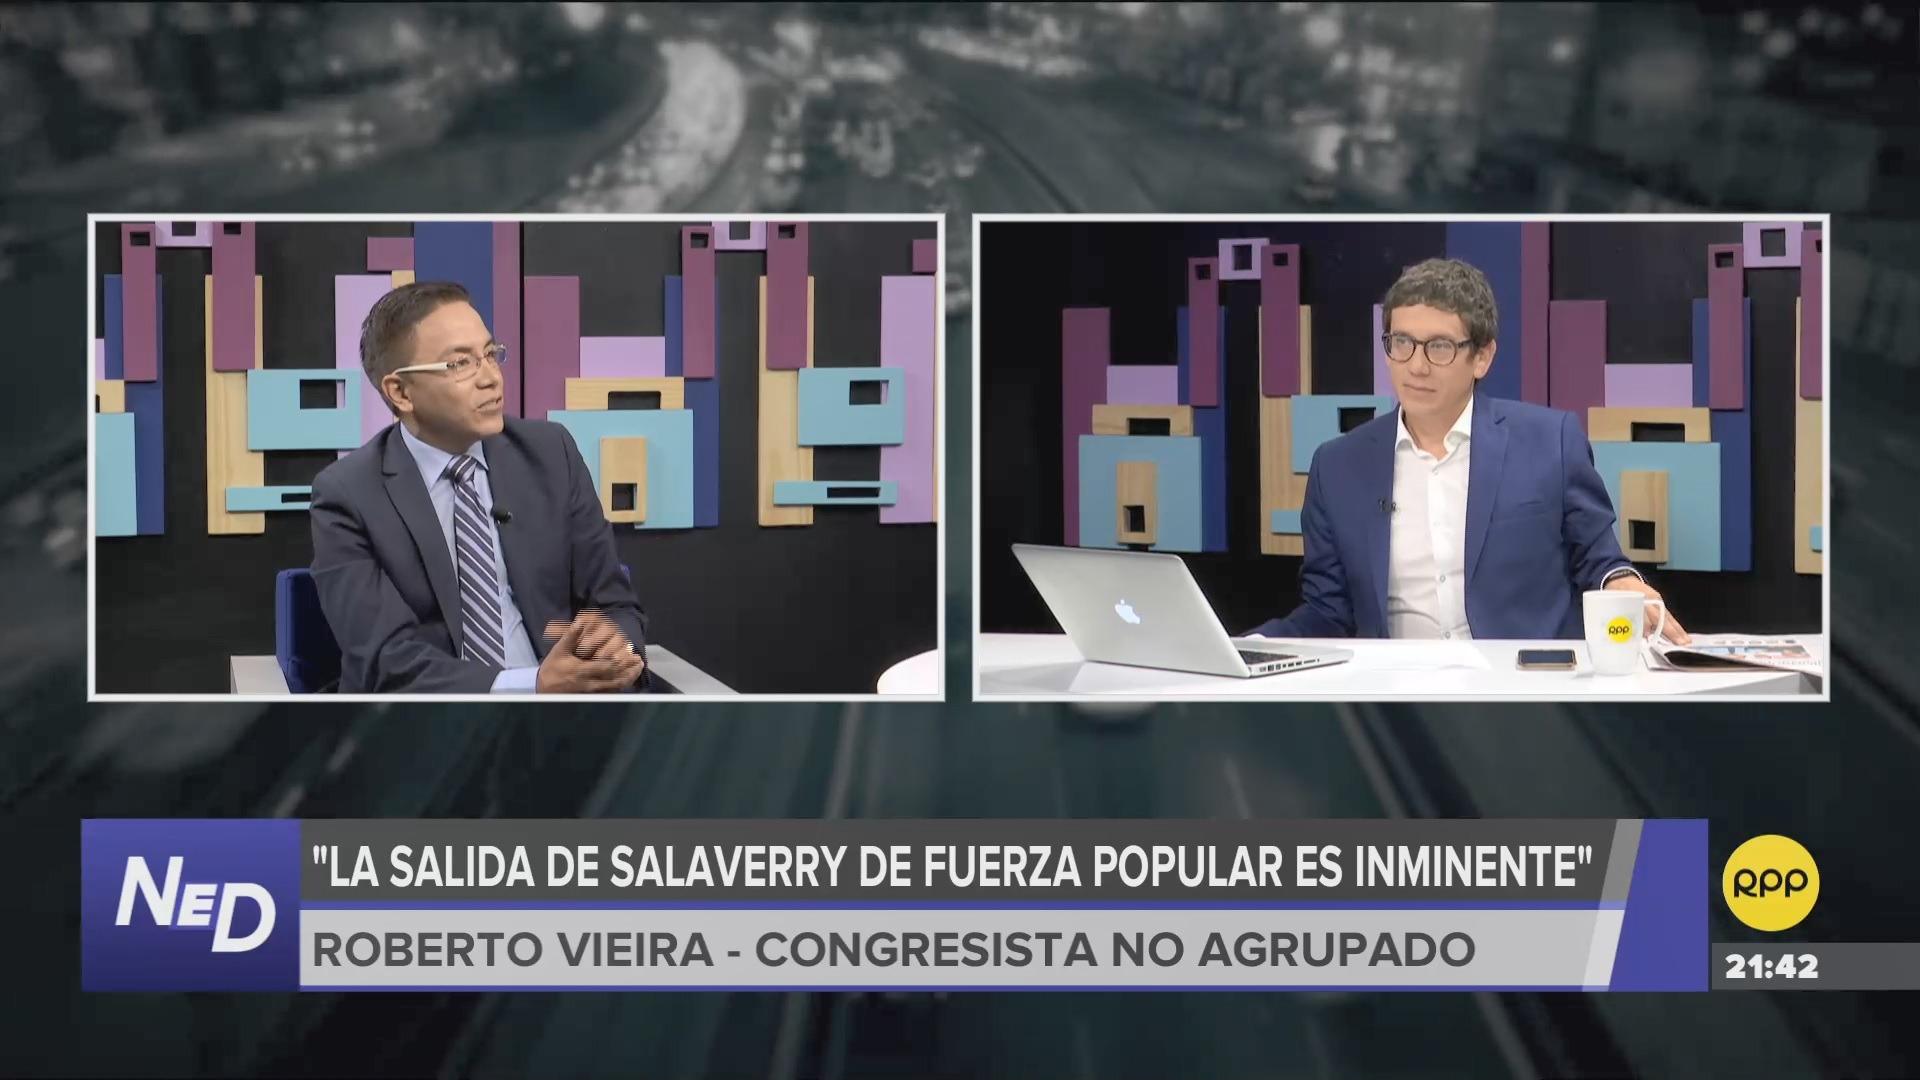 El parlamentario no agrupado comentó que Salaverry no fue valorado en Fuerza Popular.